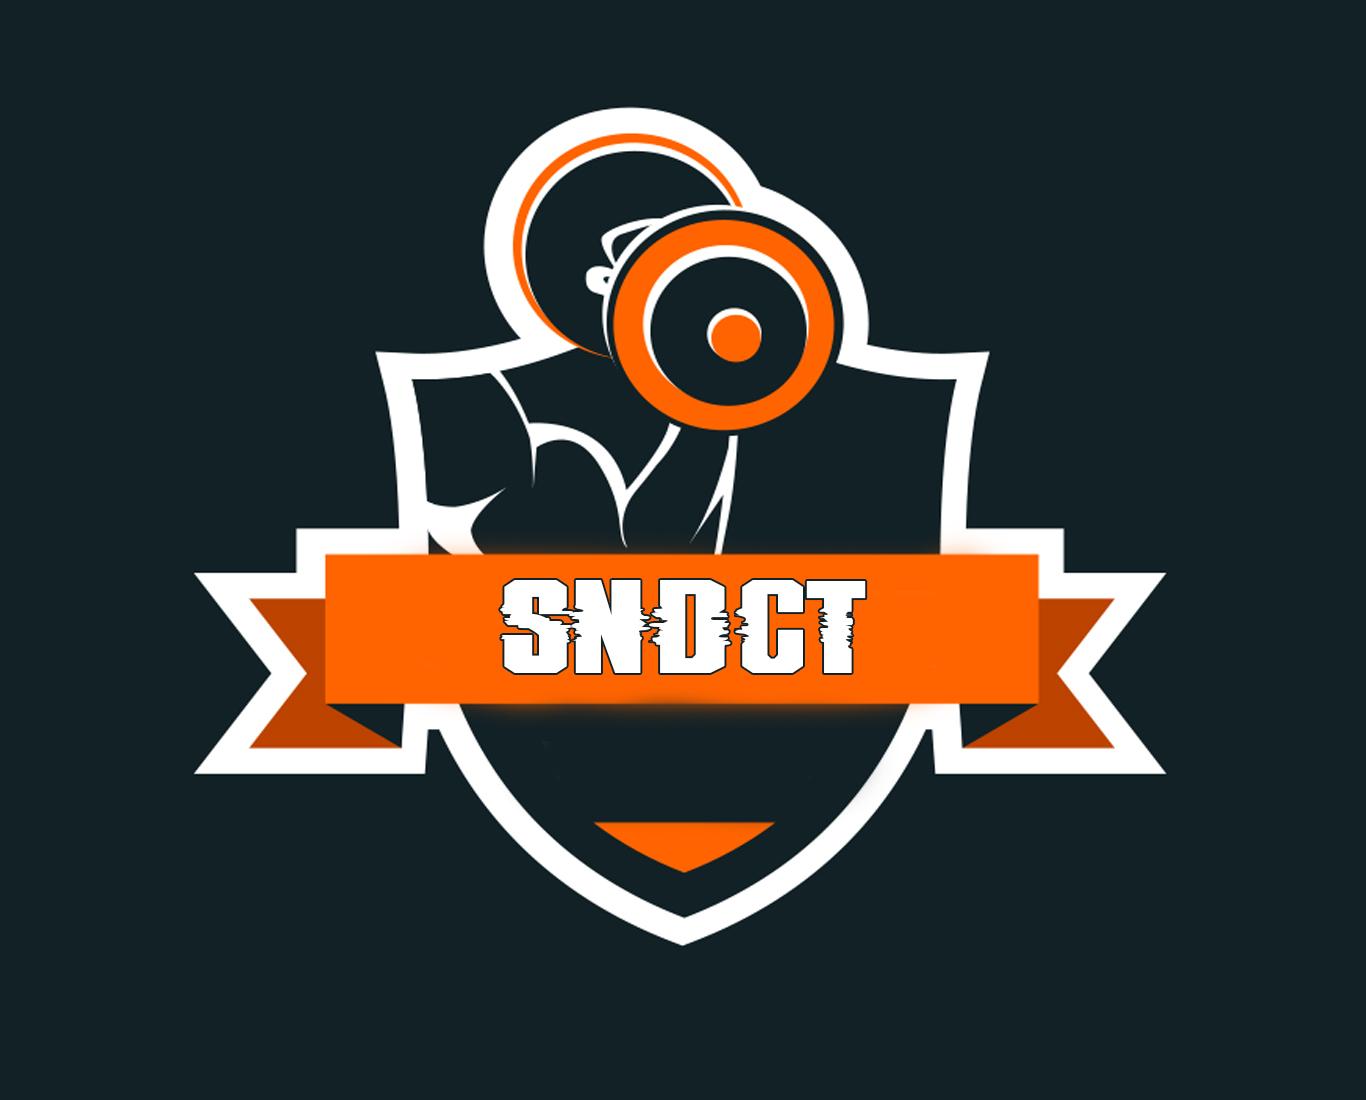 Создать логотип для сети магазинов спортивного питания фото f_8275976265ab6d5e.jpg